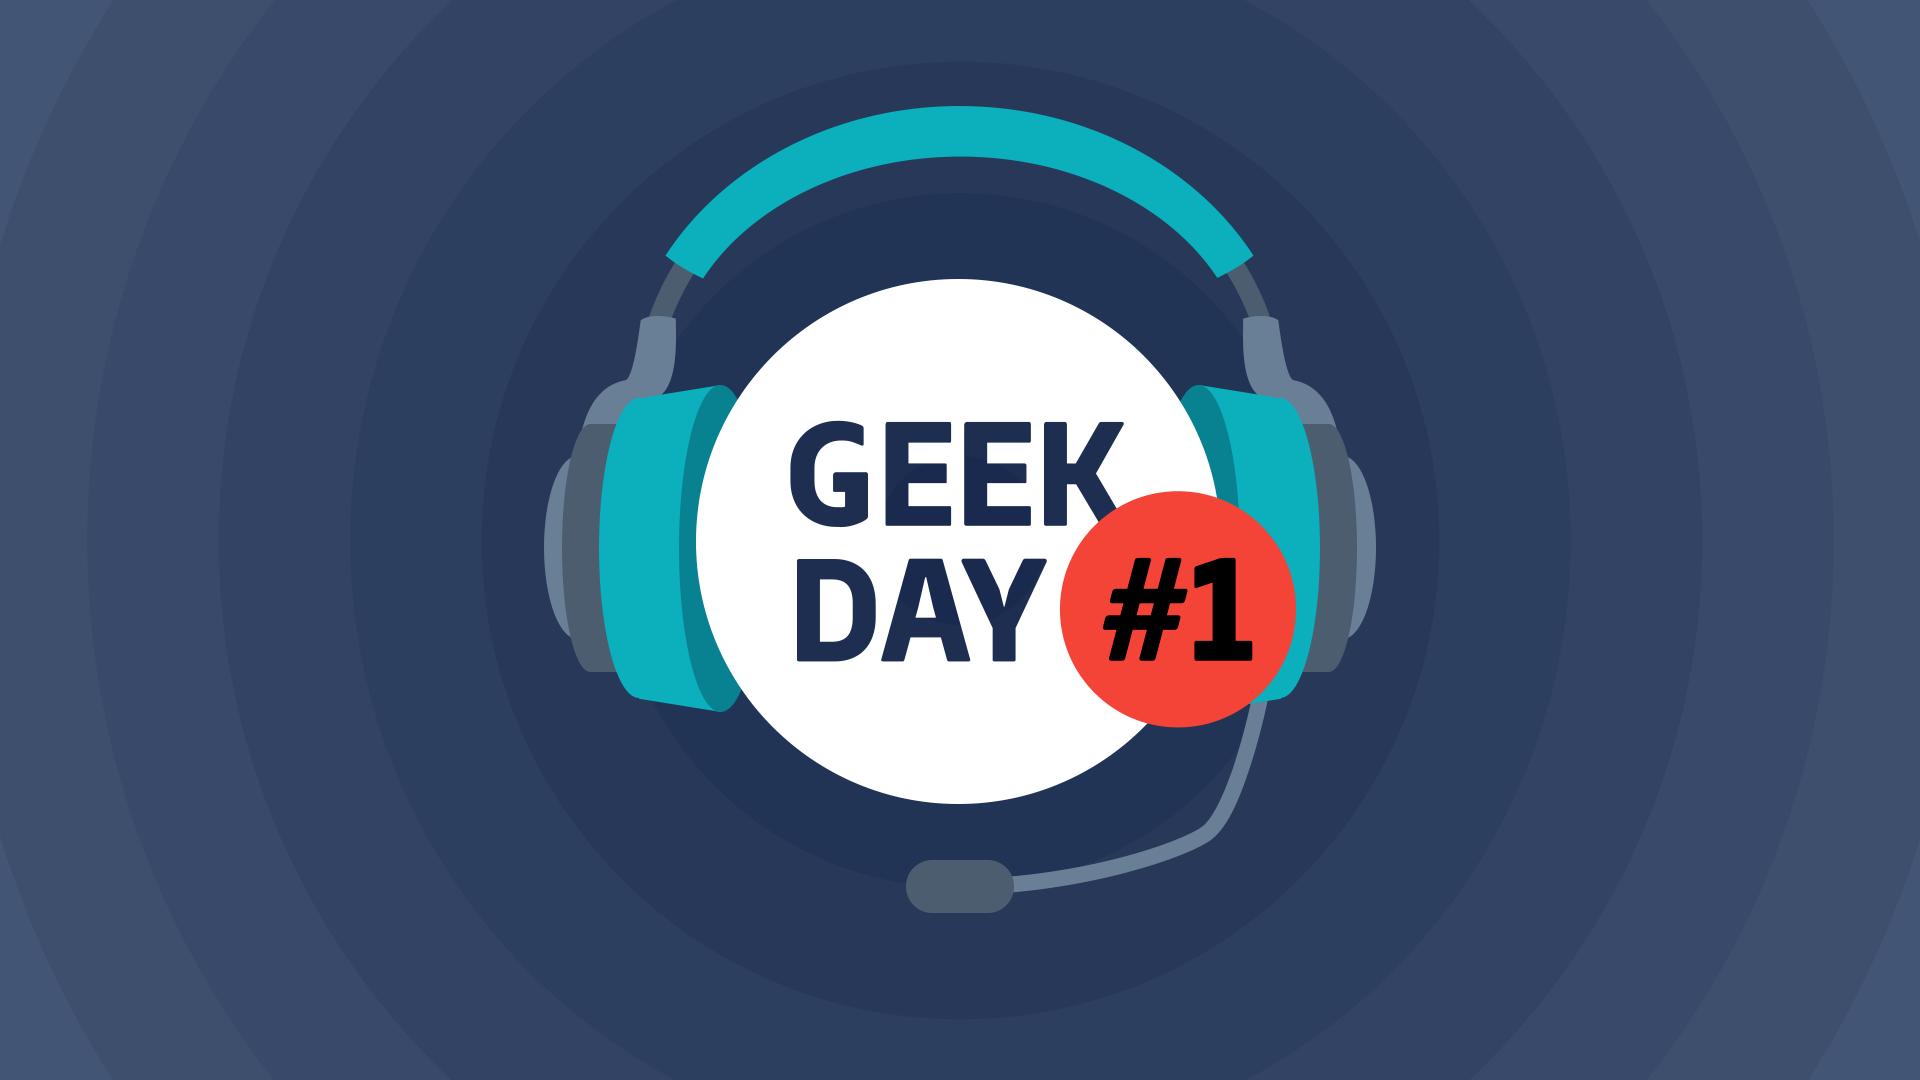 Вебинар Как использовать VoxImplant в своём проекте на Хакатоне GeekDay#1? фото